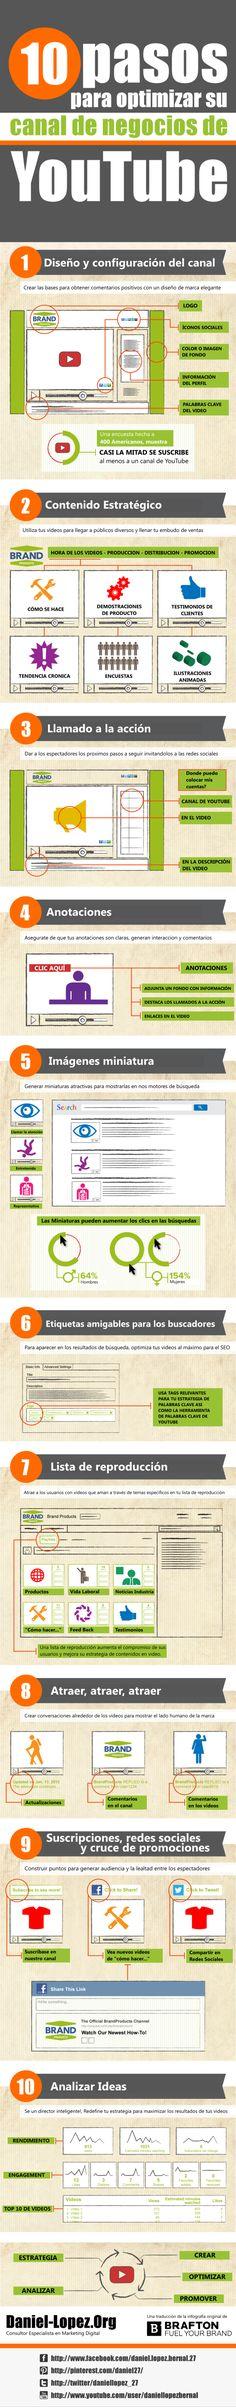 10 pasos para optimizar tu canal de empresa en YouTube #infografia #infographic #socialmedia